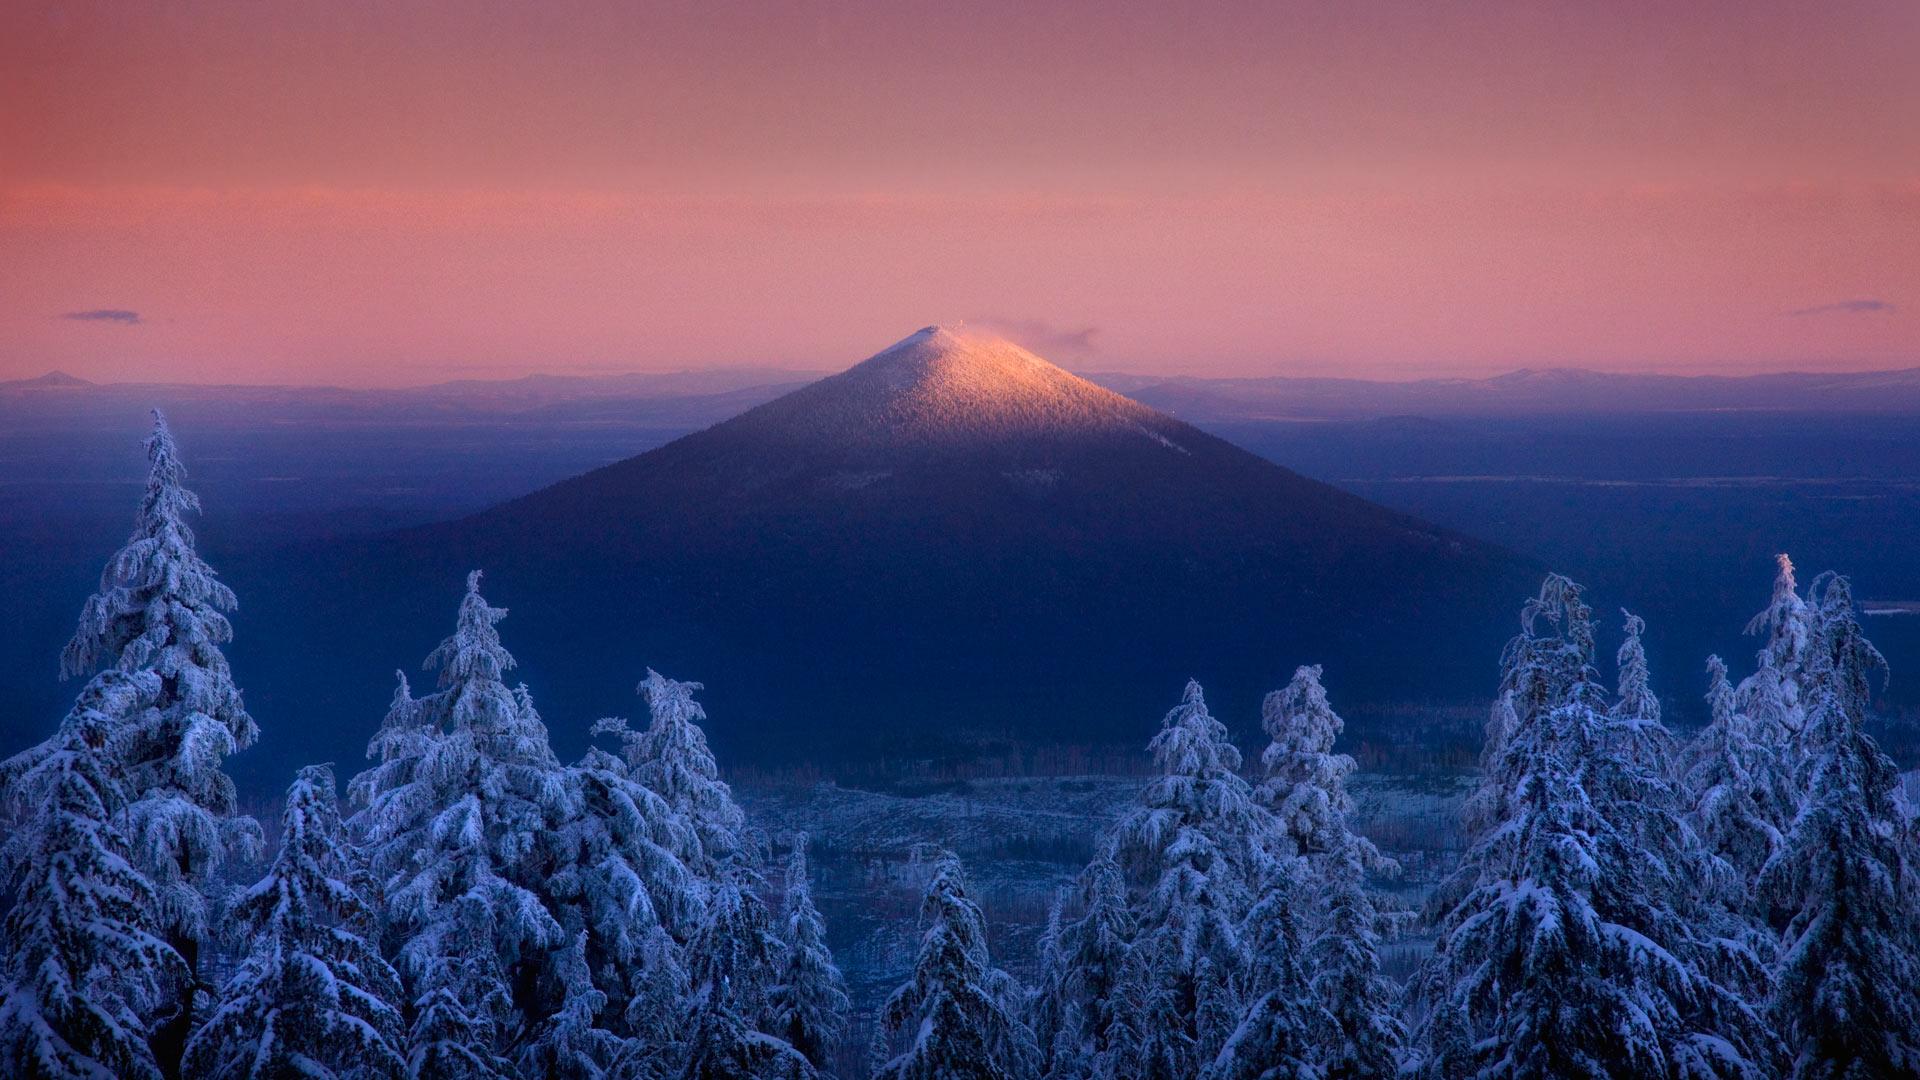 Black Butte, seen from the Mount Jefferson Wilderness, Oregon (© Marc Adamus/Aurora Photos)